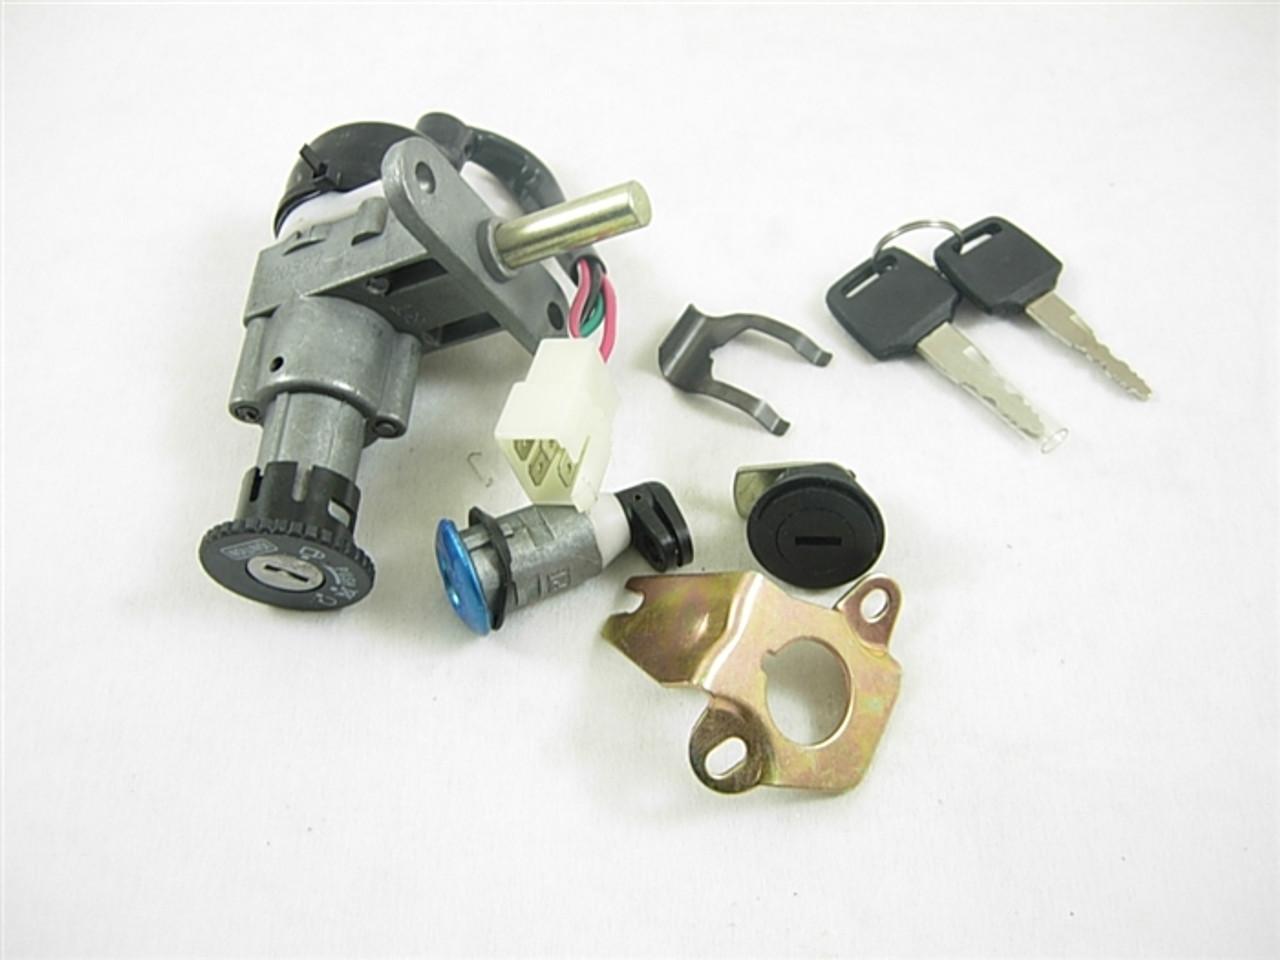 ignition switch/key 11050-a59-6